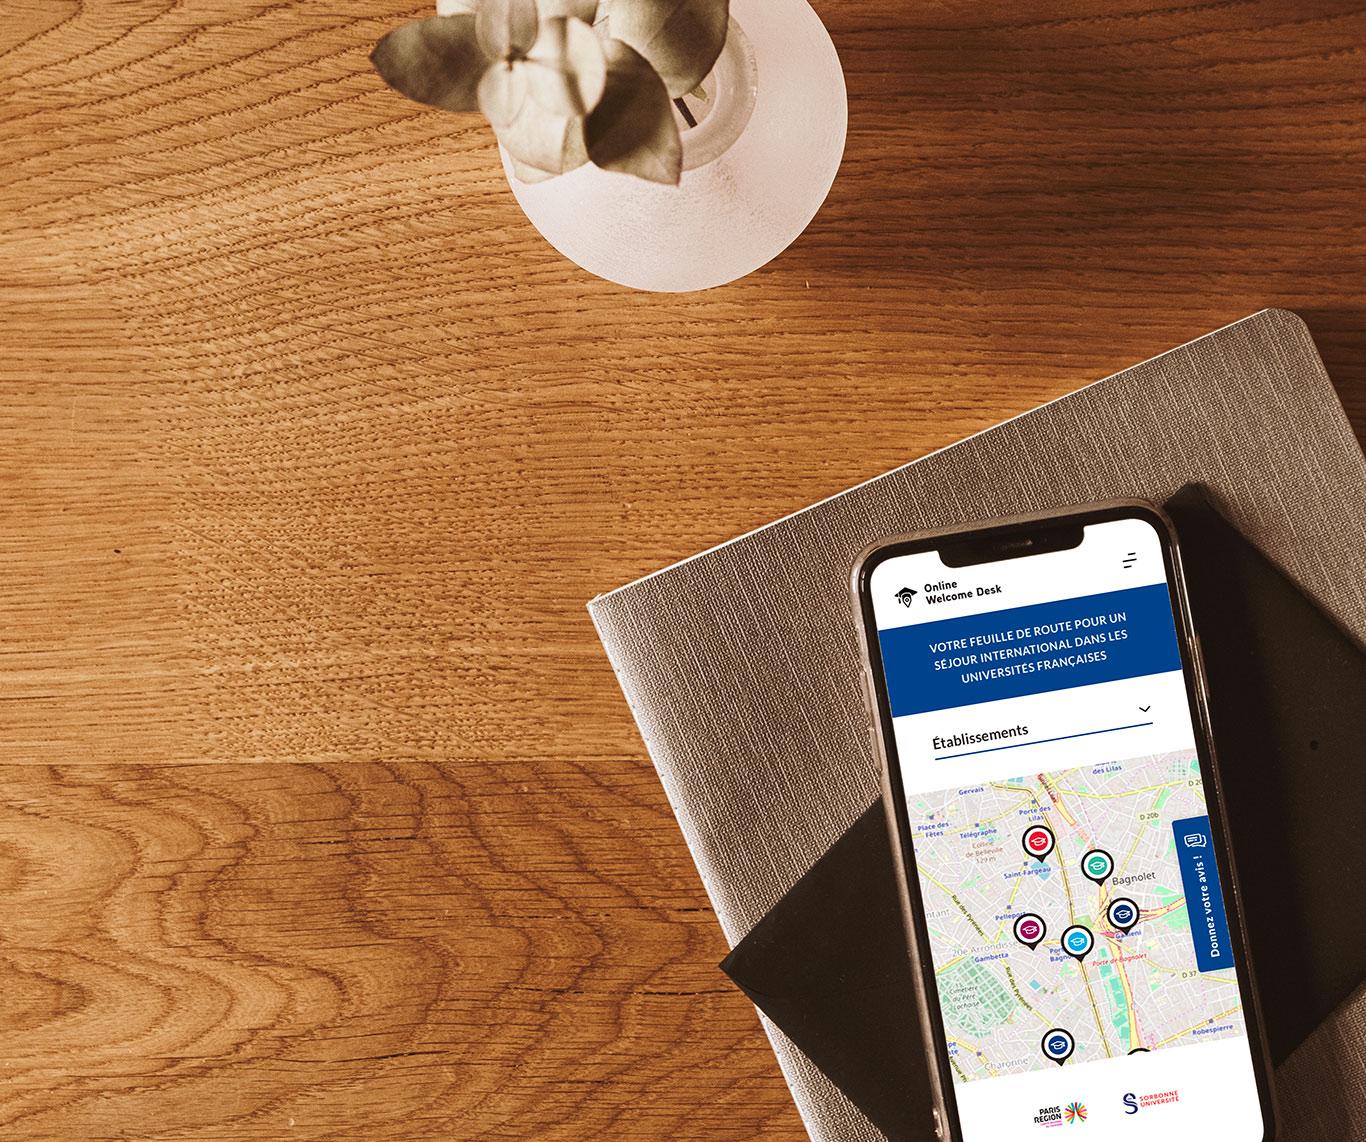 Téléphone portable posé sur un livre et sur une table en bois présentant l'interface responsive de la plateforme Online Welcome Desk